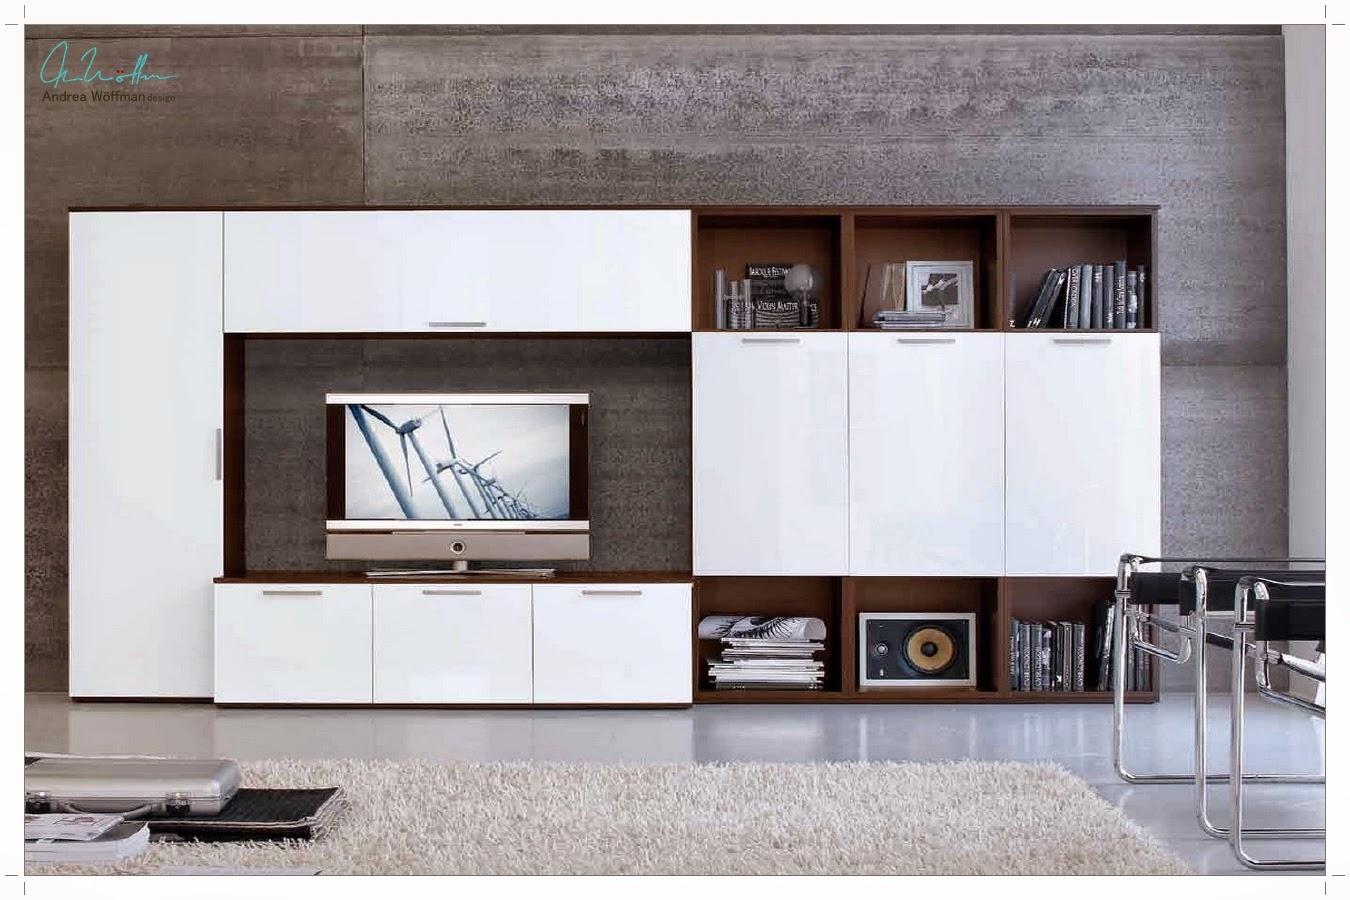 amoblamientos y productos Andrea Wffman Mueble Tv